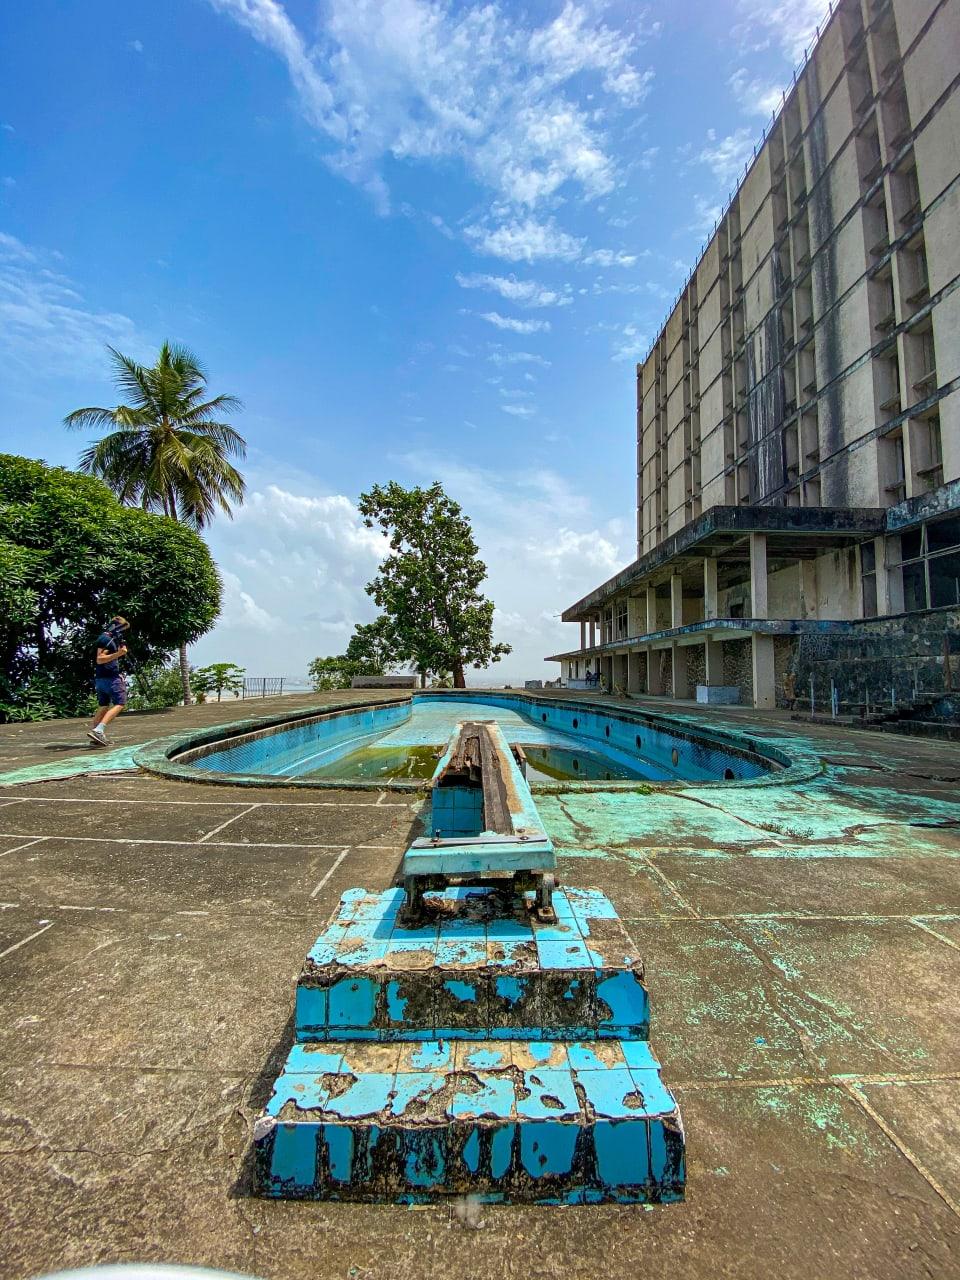 Monrovia - Monrovia: the Ducor Hotel